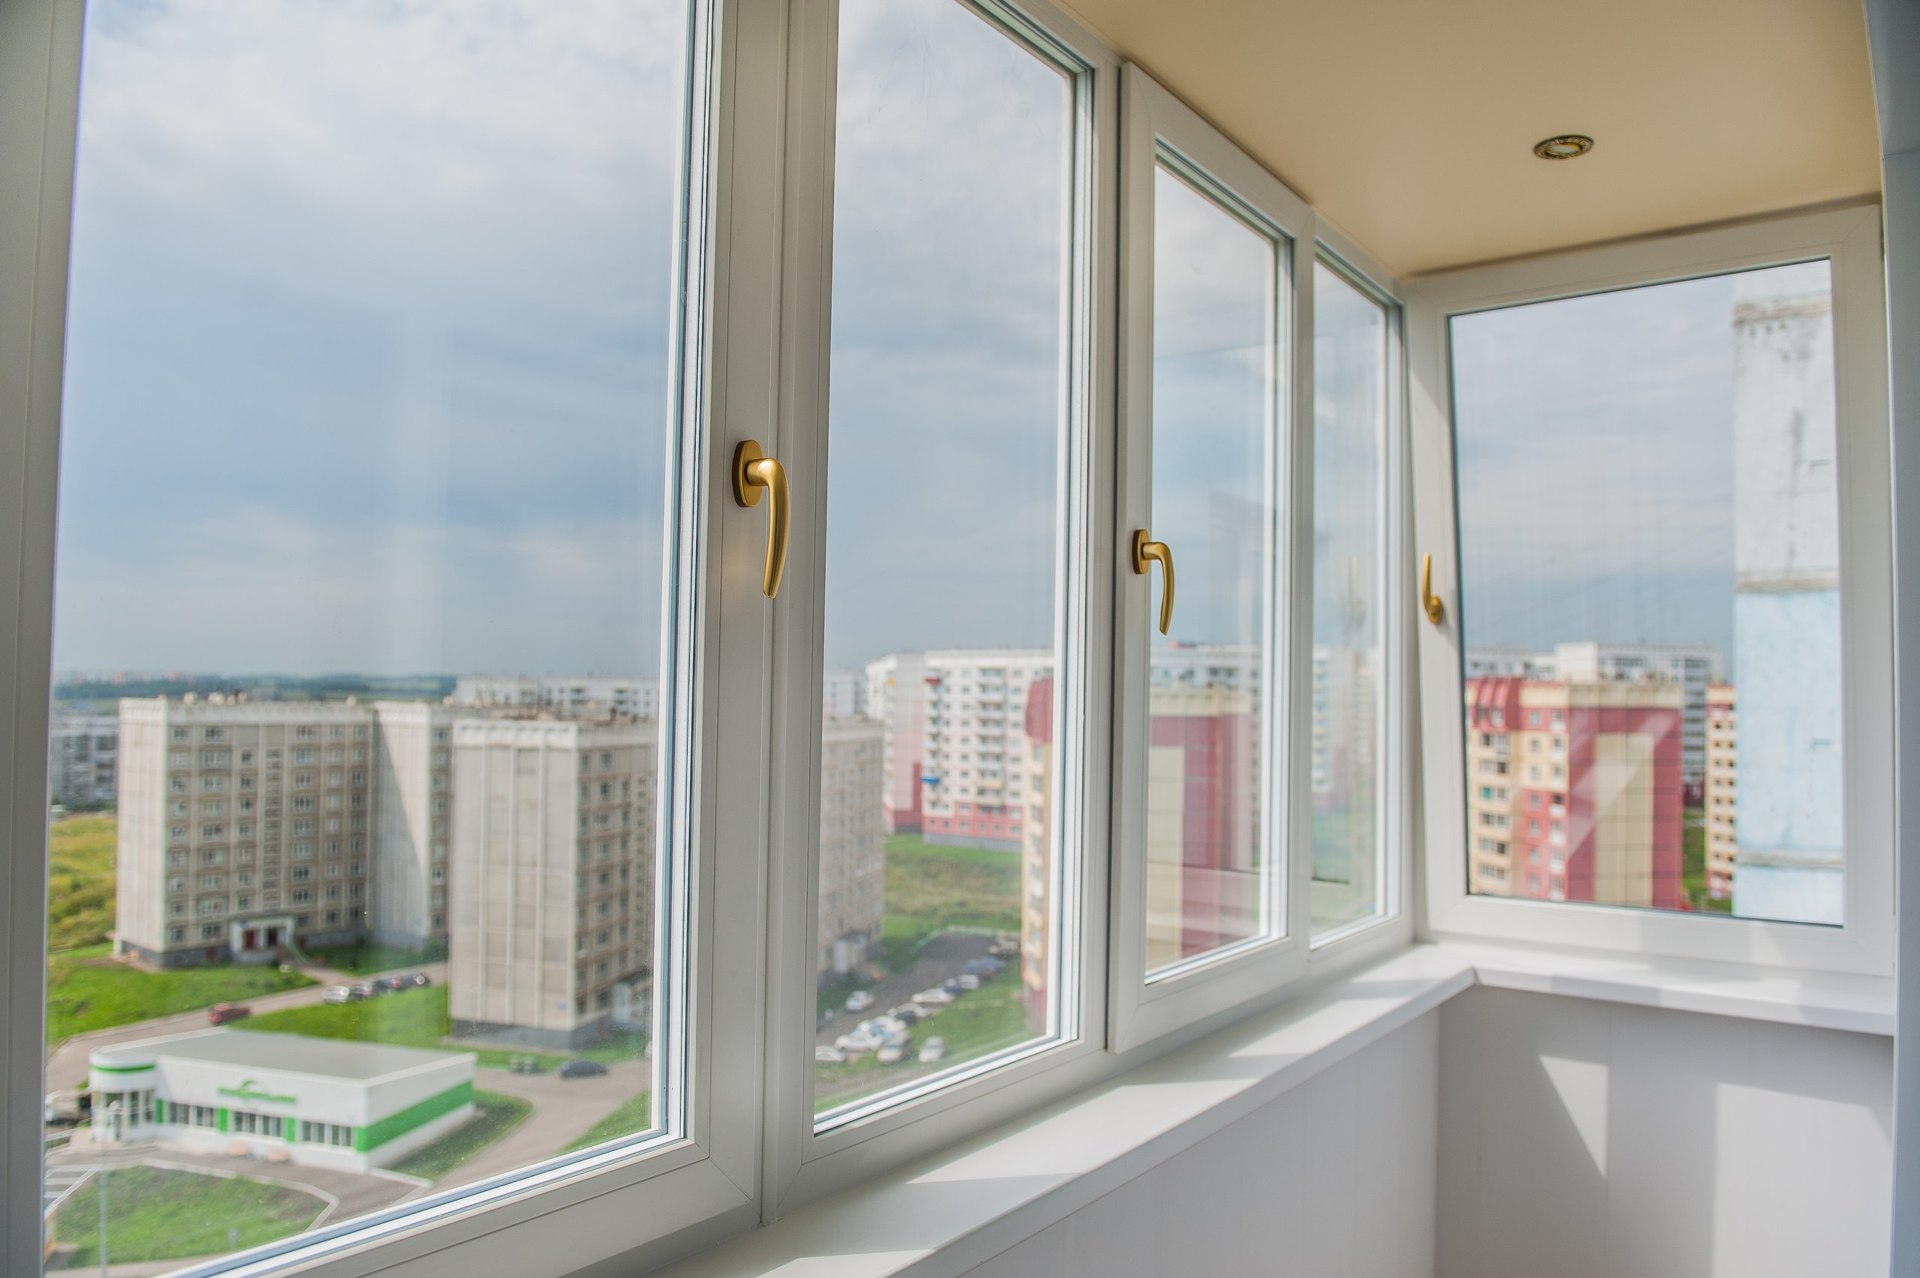 """Остекление балконов и лоджий: выбор исполнителя """" джинджик -."""